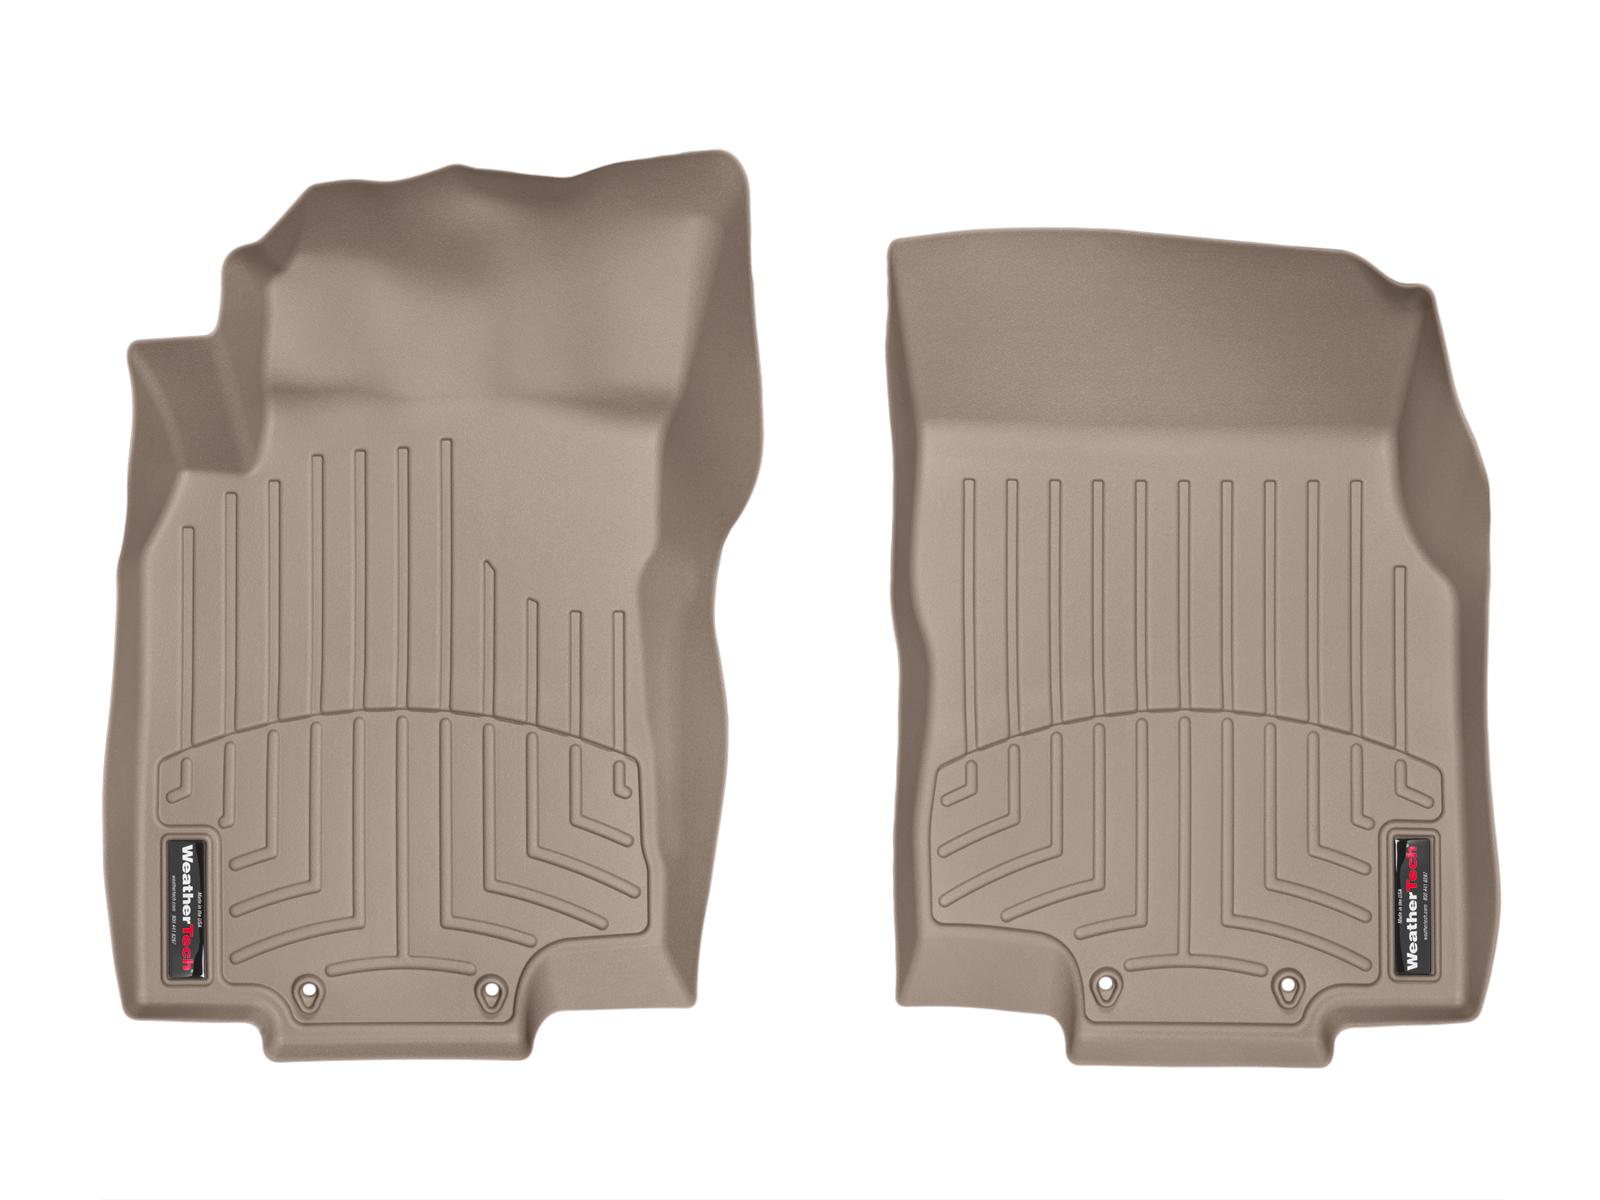 Tappeti gomma su misura bordo alto Nissan X-Trail 14>14 Marrone A2934